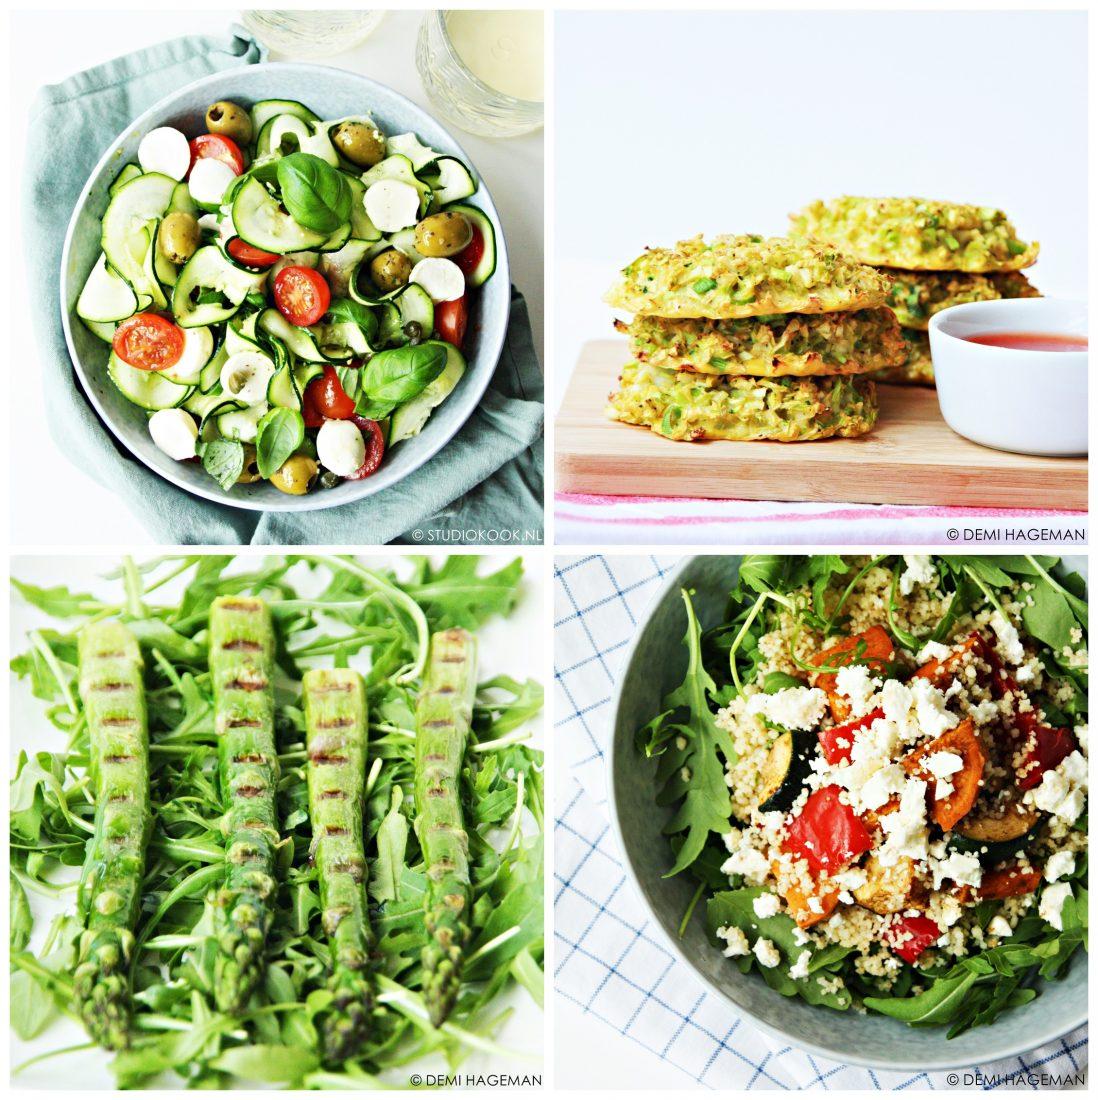 bijgerecht met groenten